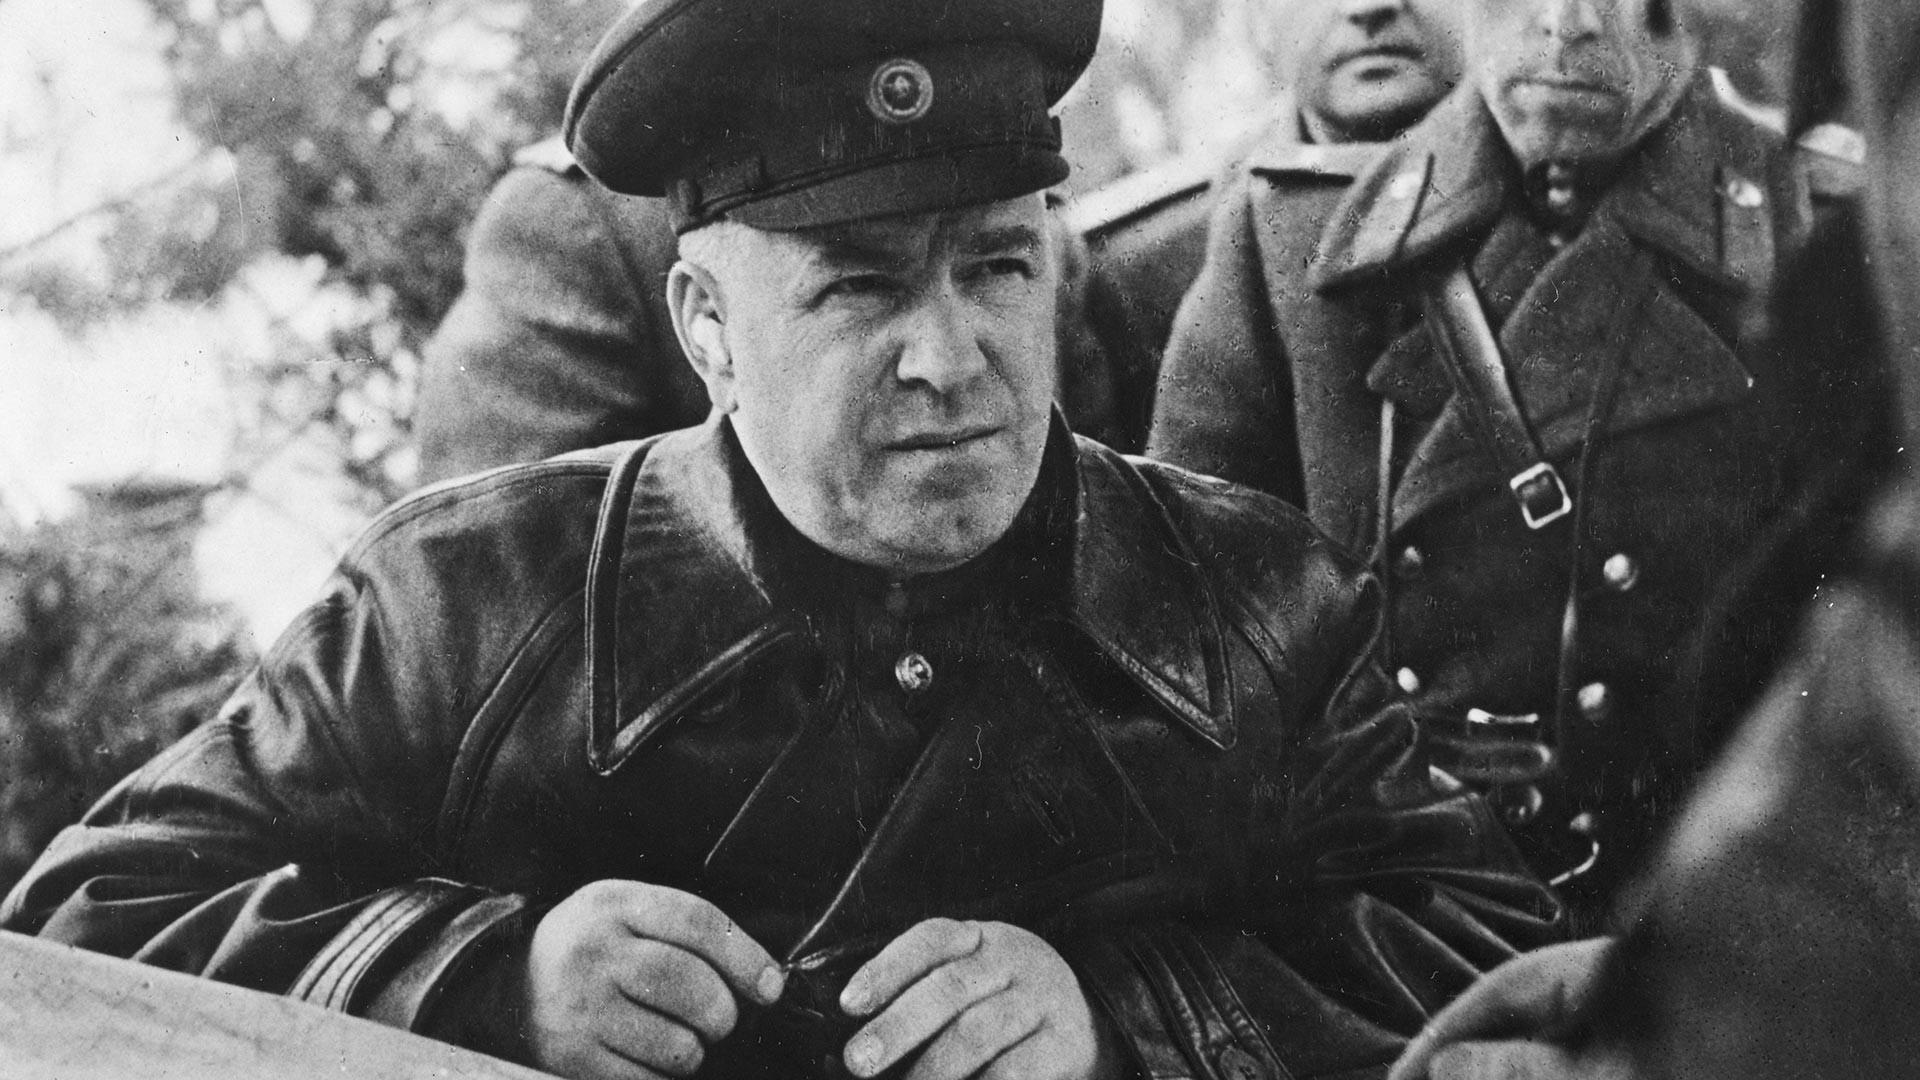 Маршалот Георгиј Константинович Жуков (1896-1974), командант на советските сили на Првиот белоруски фронт, на своето теренско командно место, Русија, почеток на 20 век.